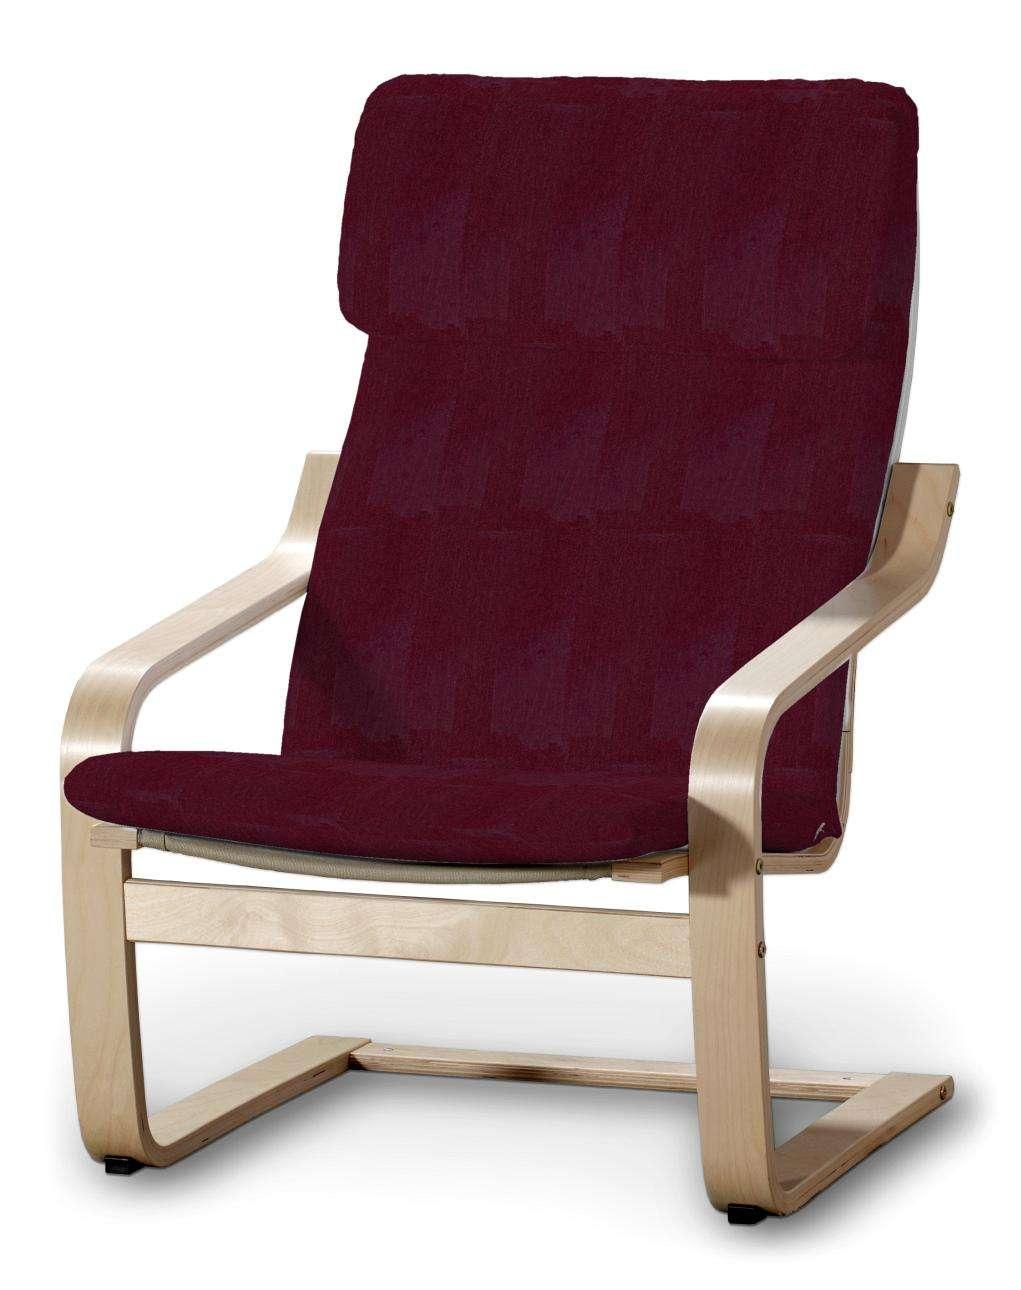 Poduszka na fotel Poäng Fotel Poäng w kolekcji Chenille, tkanina: 702-19